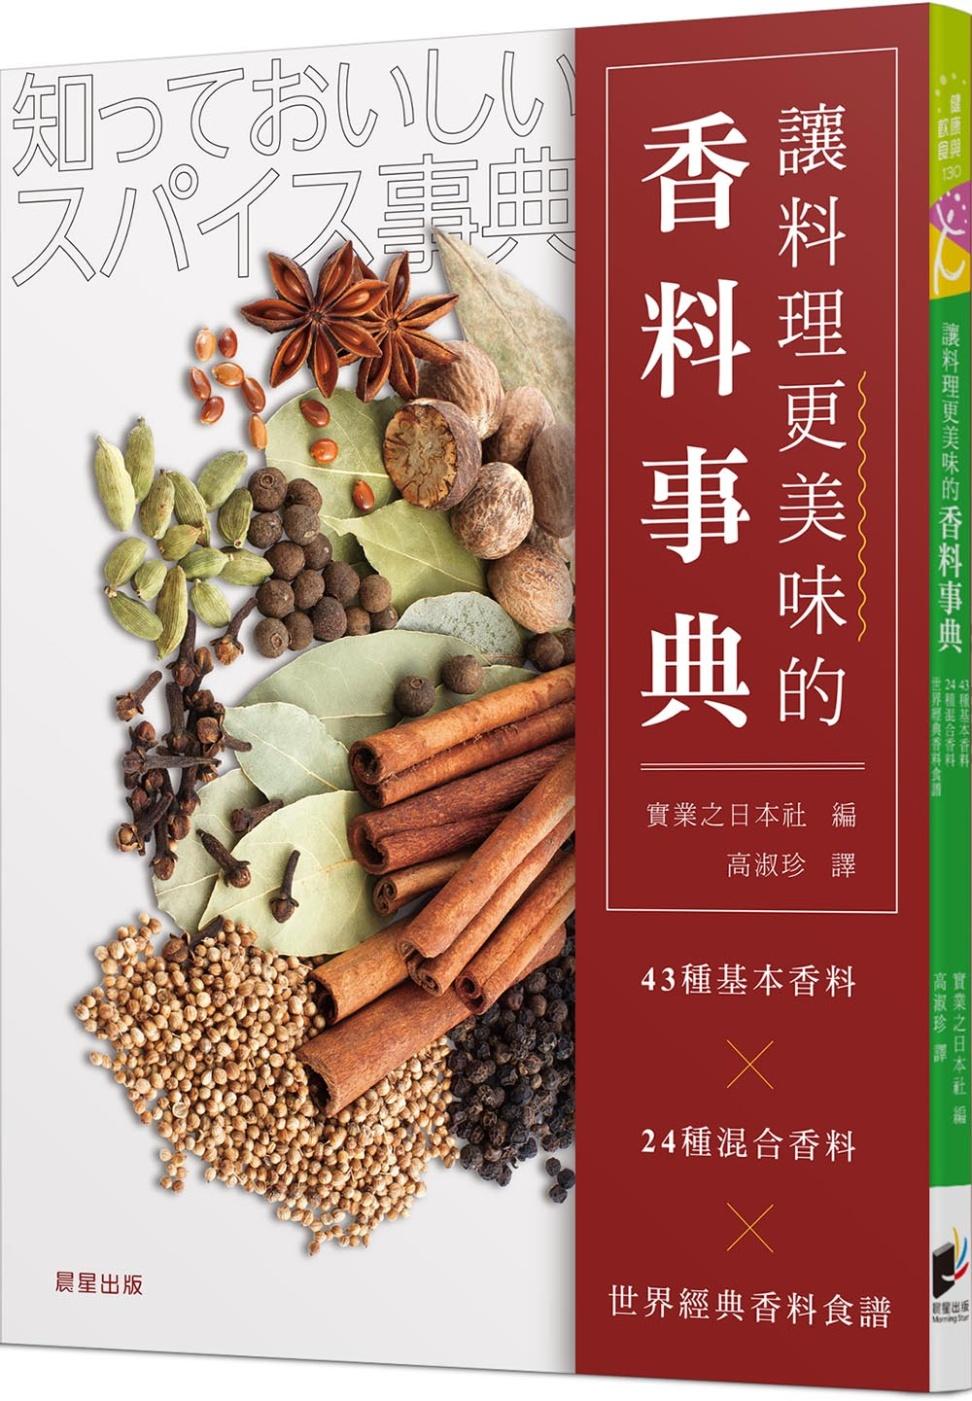 讓料理更美味的香料事典:43種基本香料x24種混合香料x世界經典香料食譜